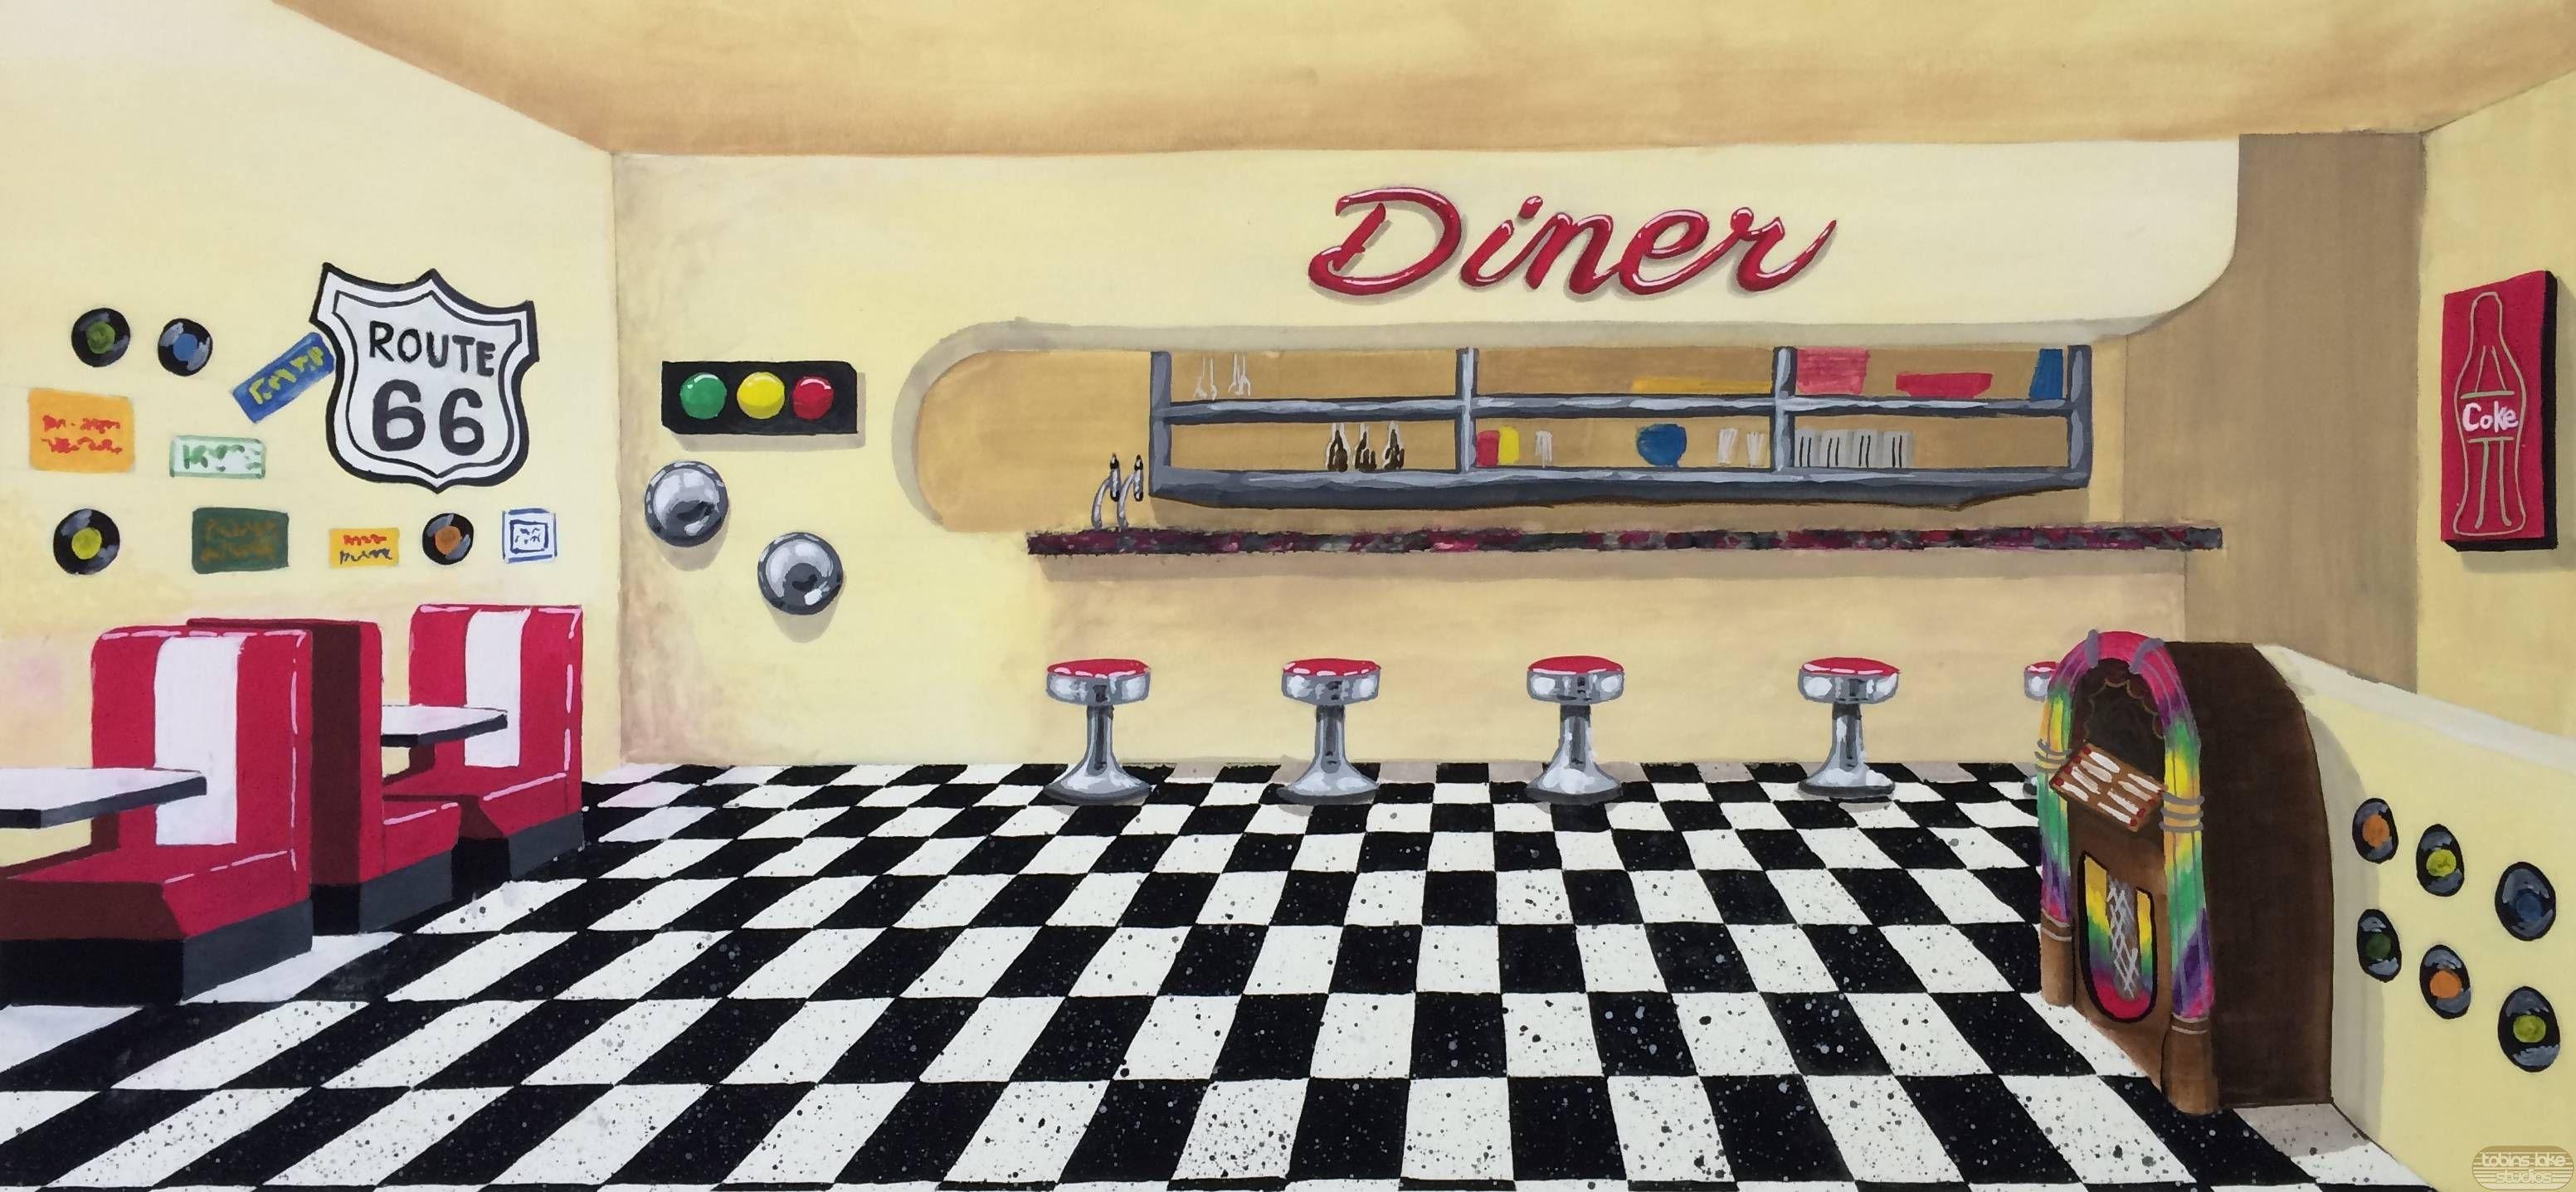 Fifties cream walls and. Diner clipart floor